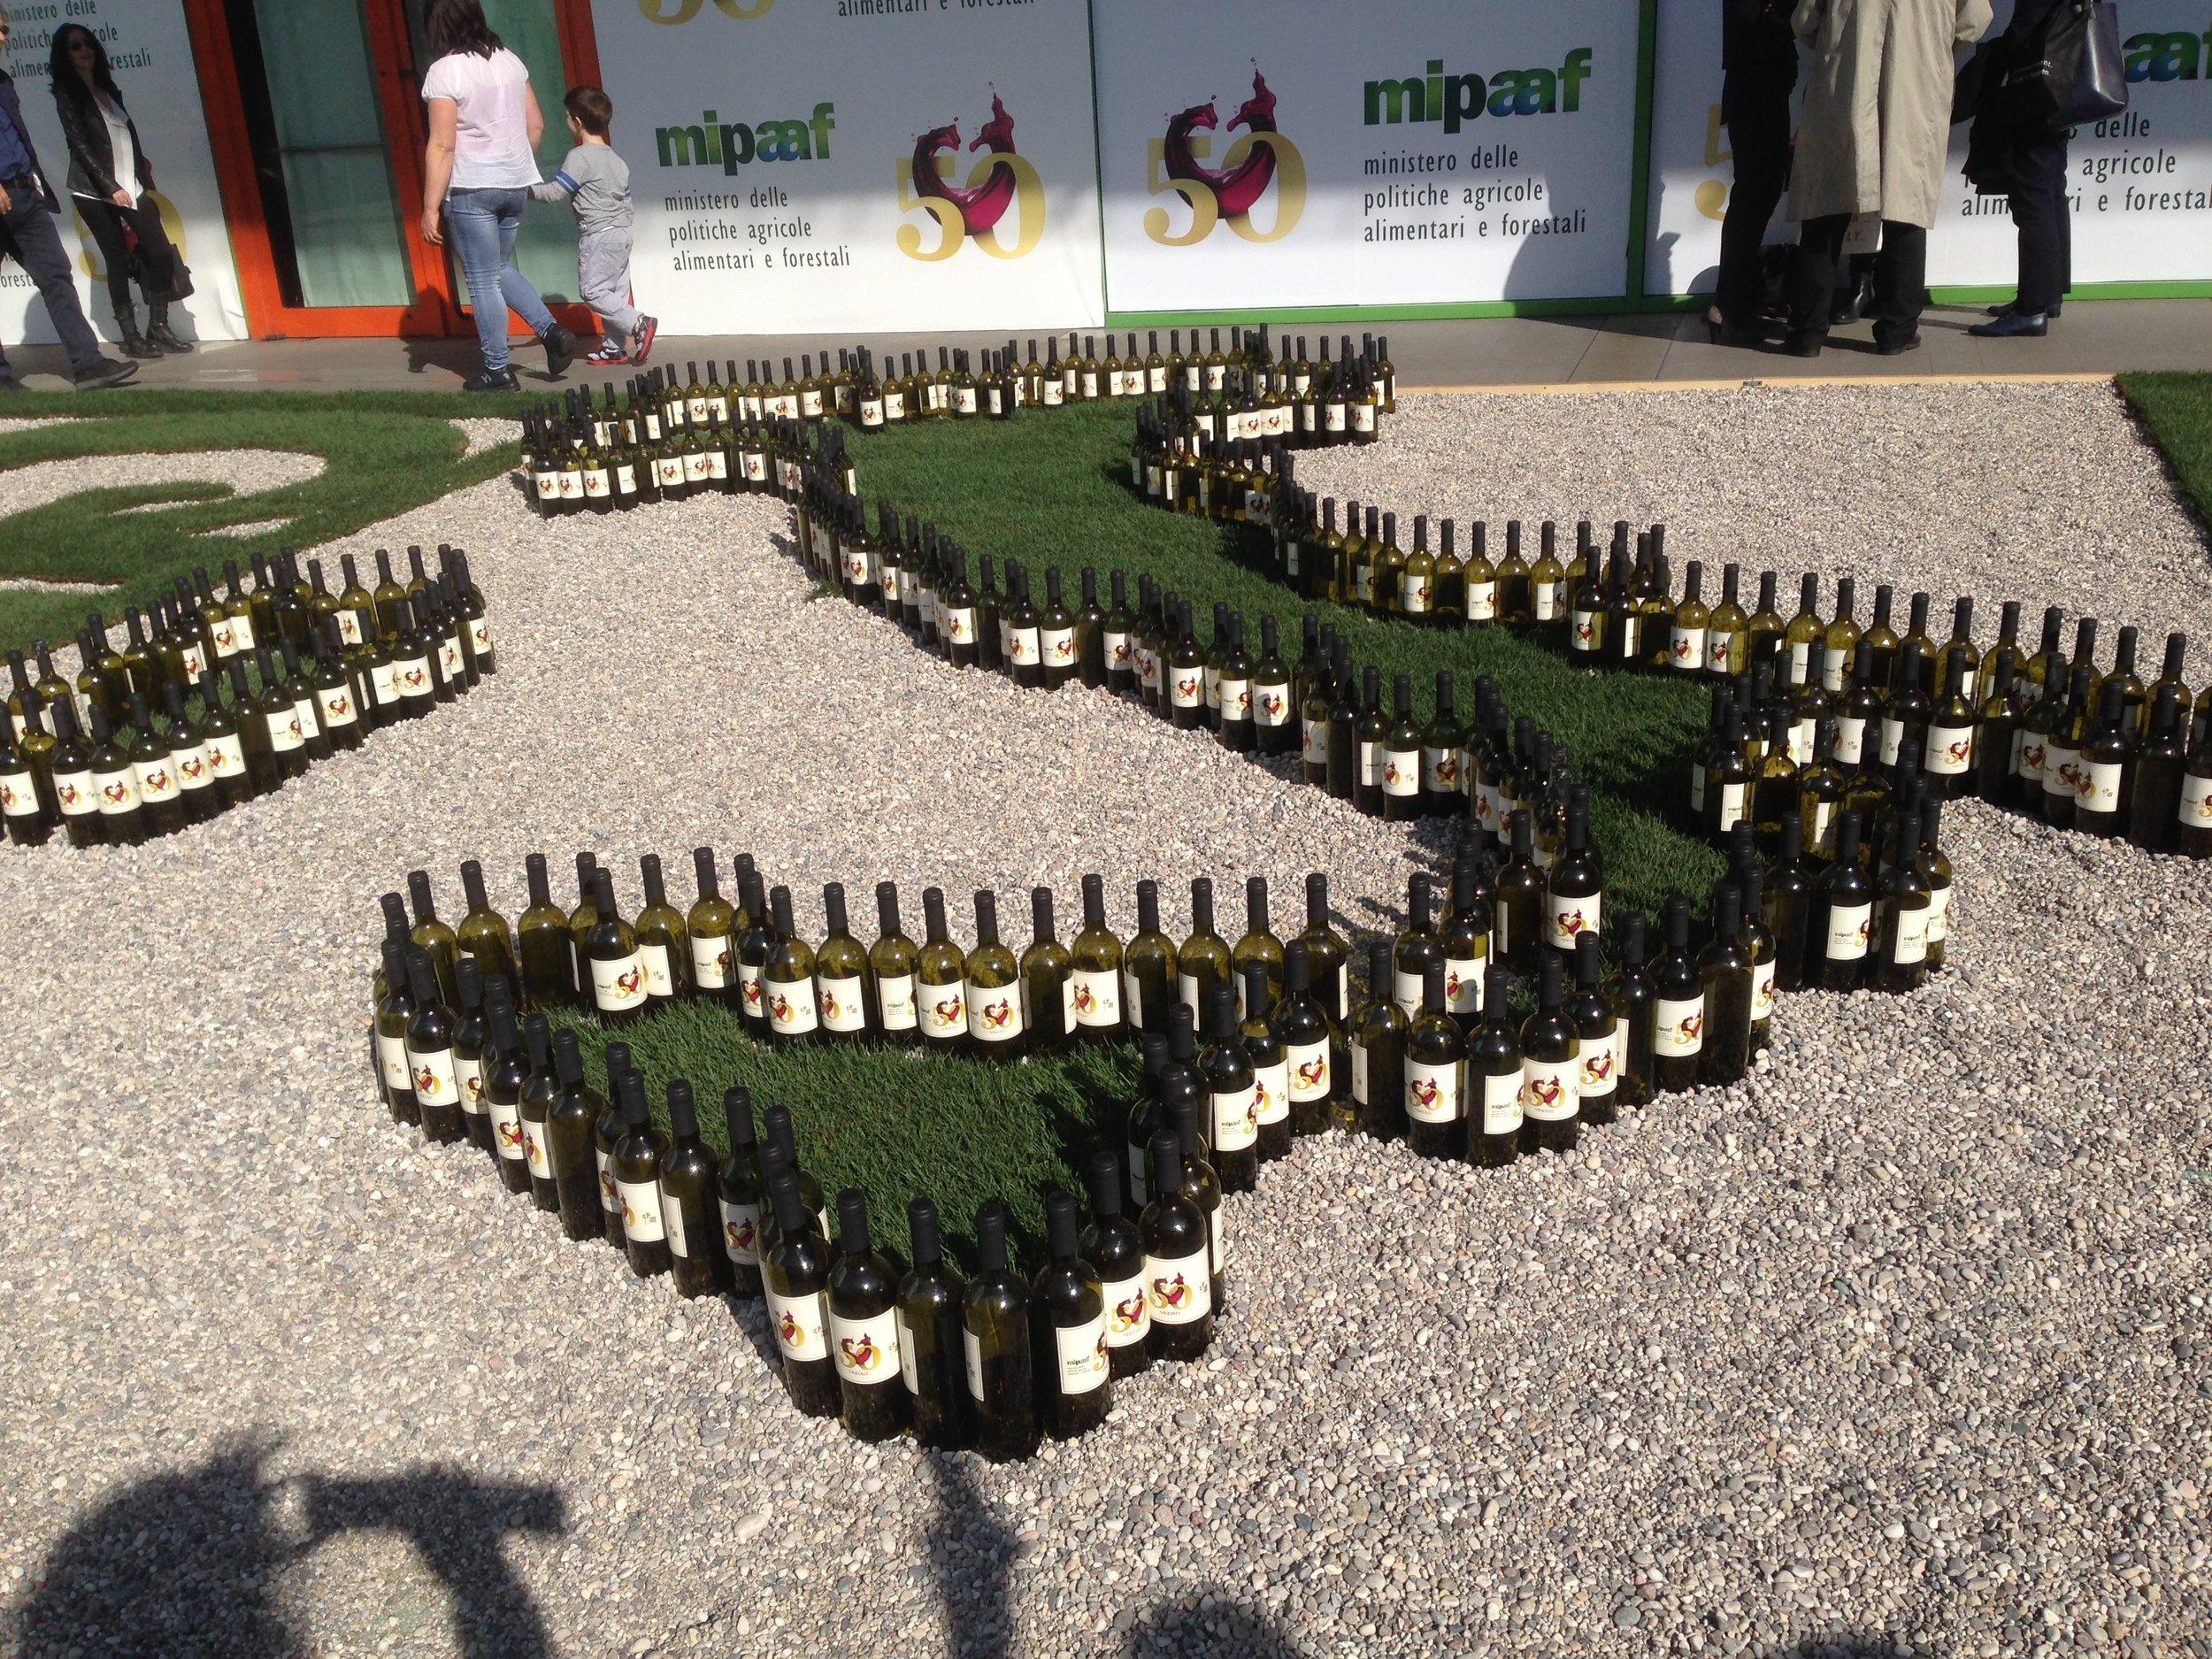 Vinitaly, un pezzo importante di storia del vino italiano